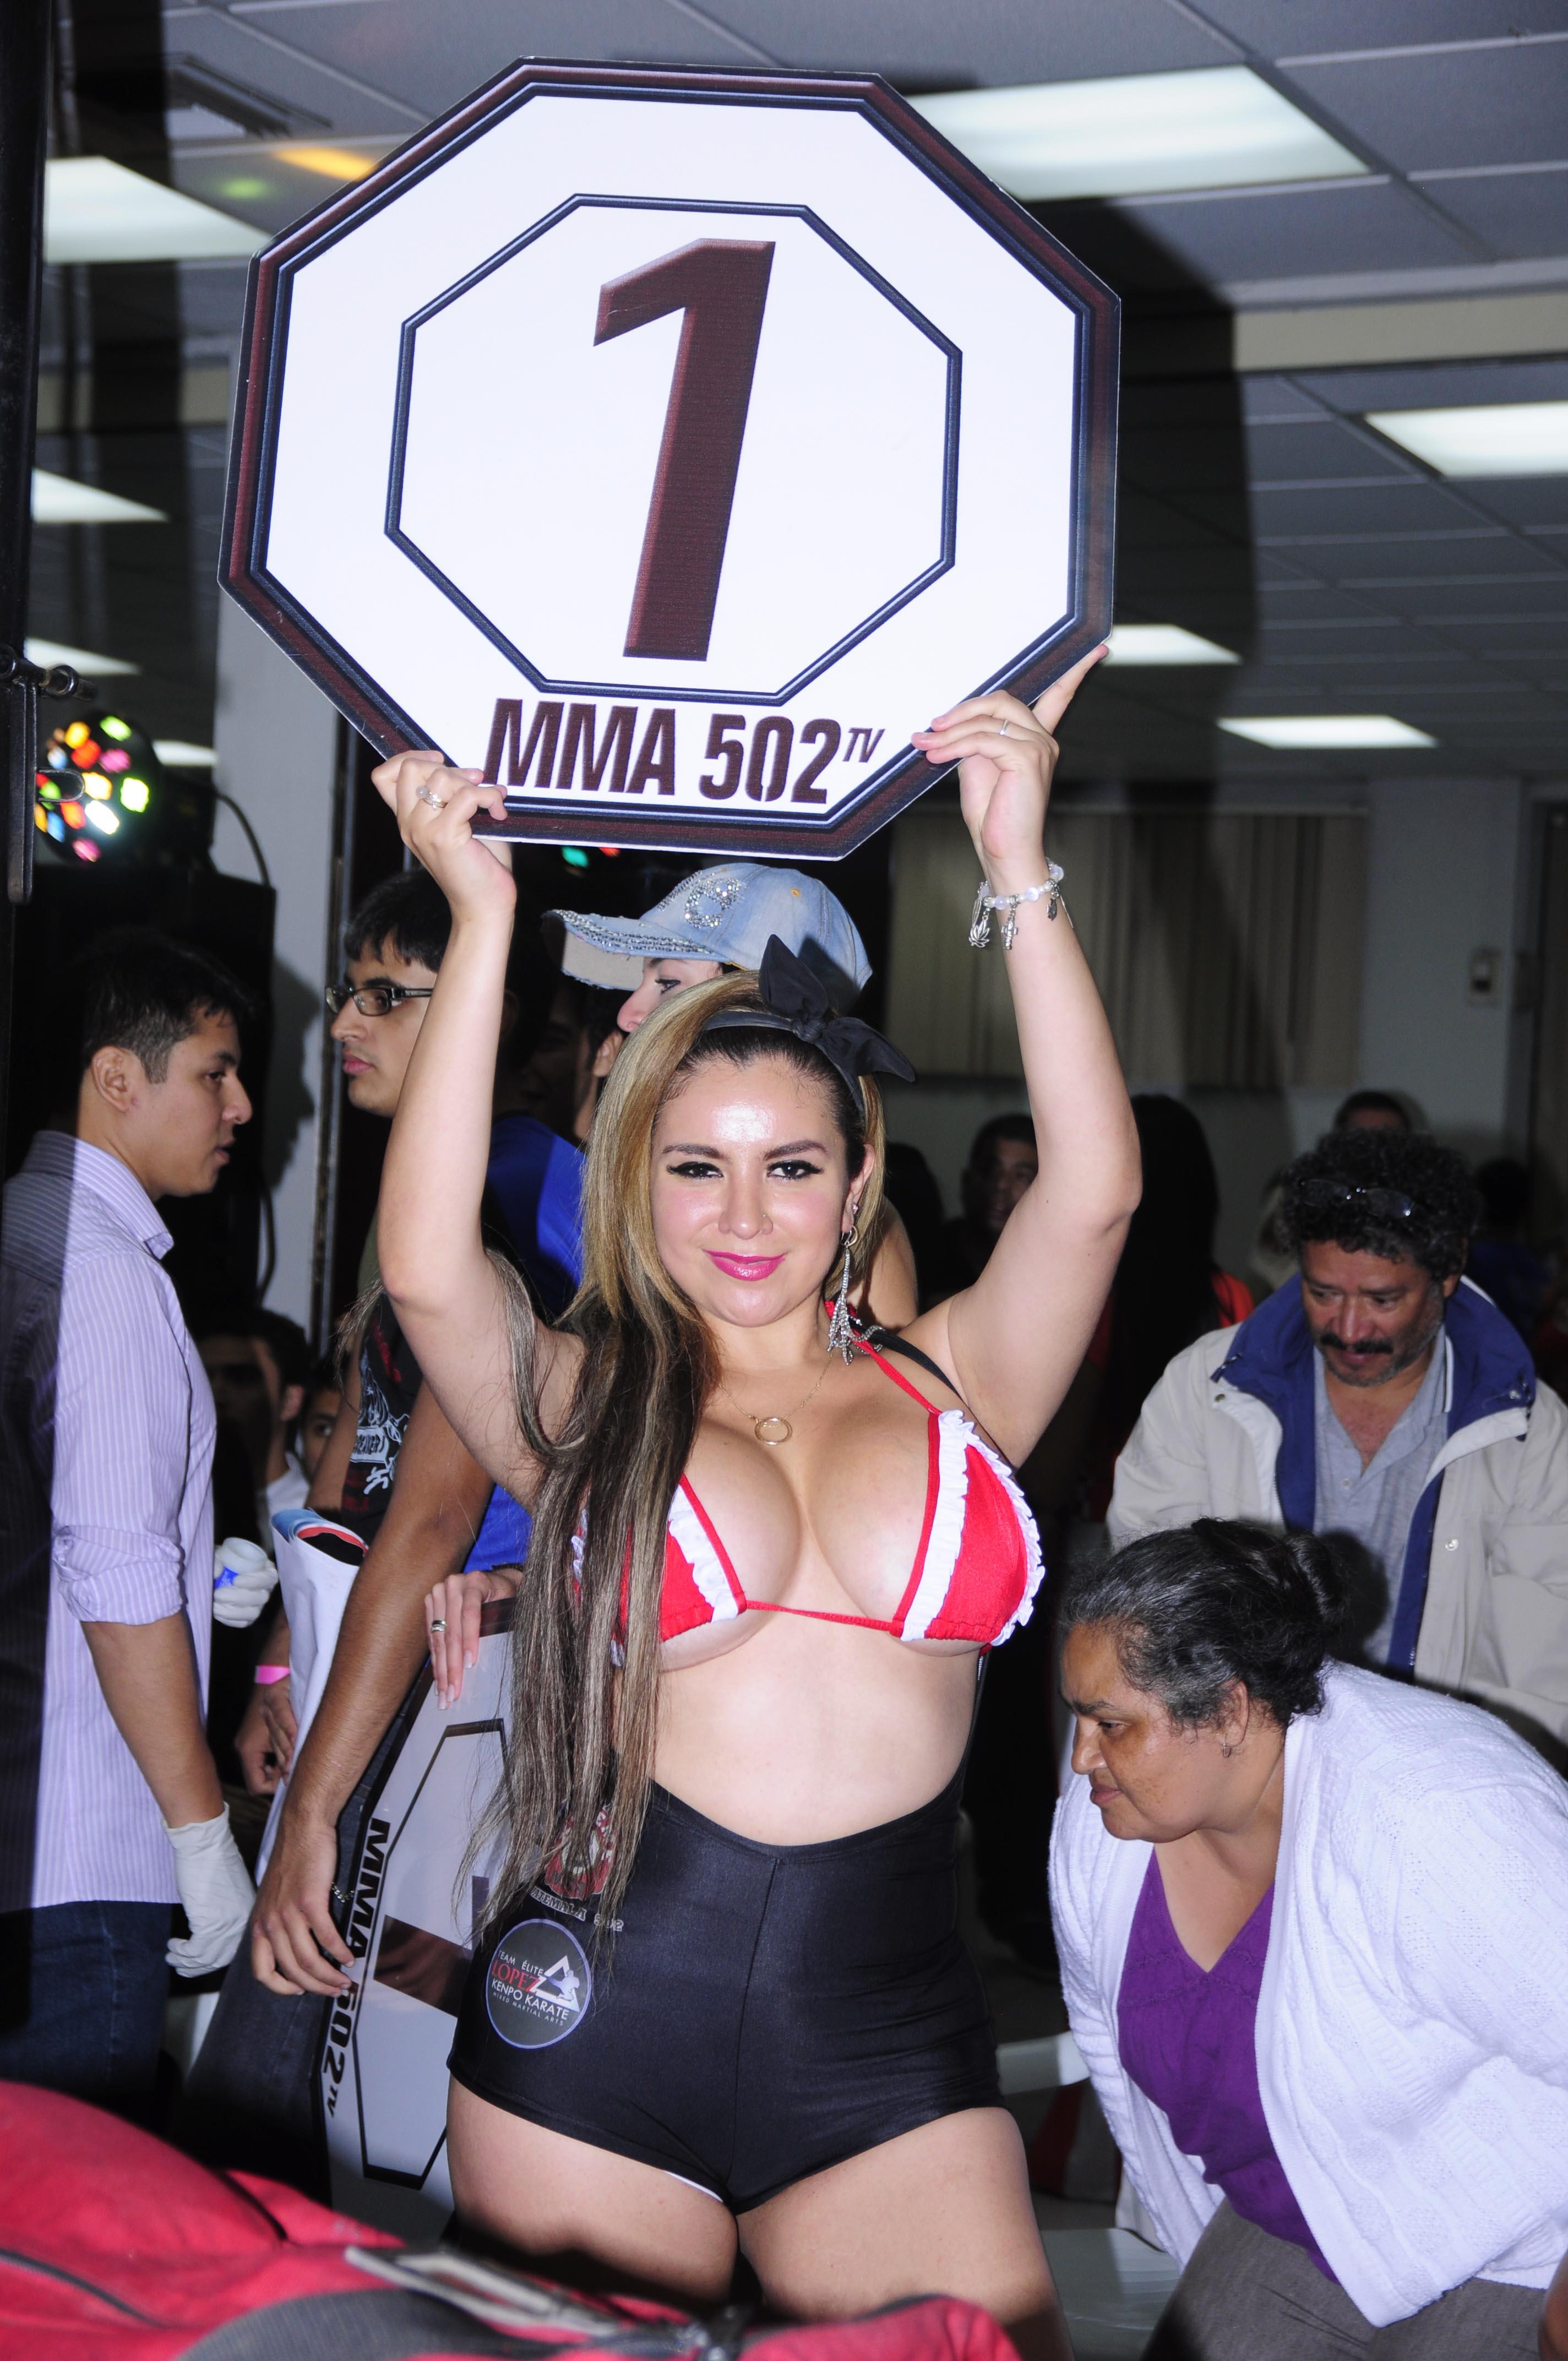 Samanta 126